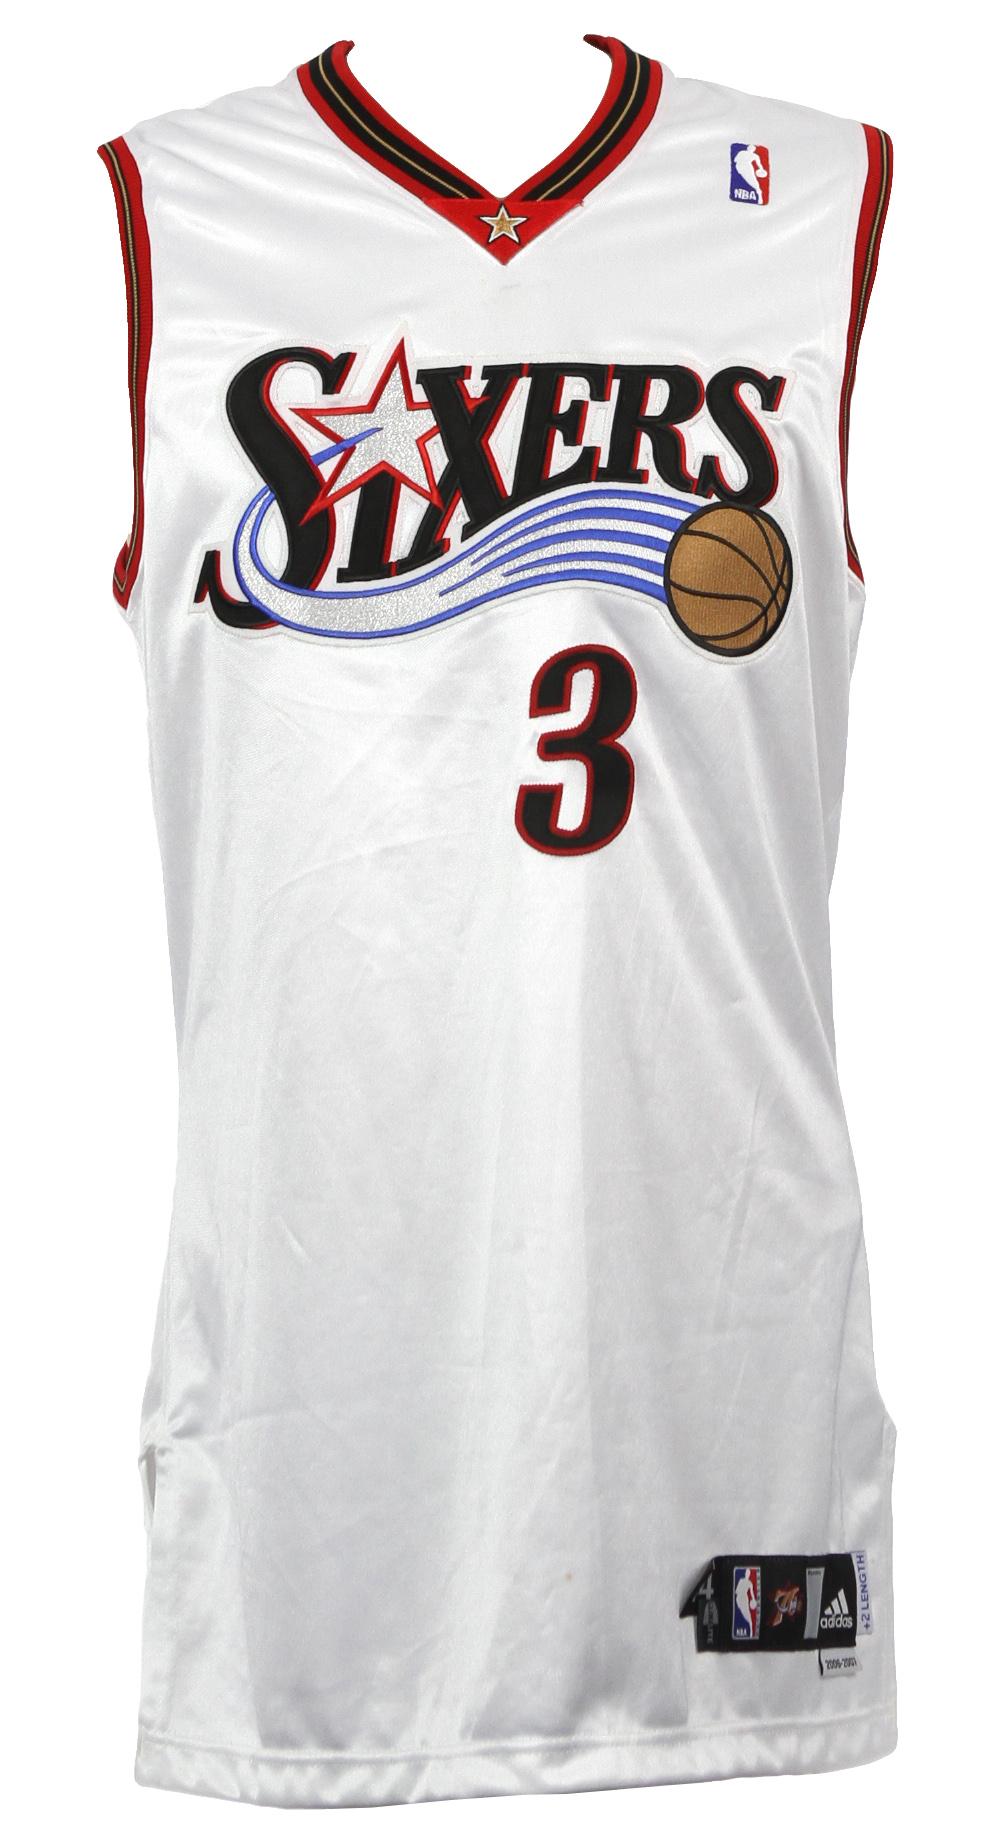 watch c39fd 6a8cb Lot Detail - 2006-07 Allen Iverson Philadelphia 76ers Signed ...